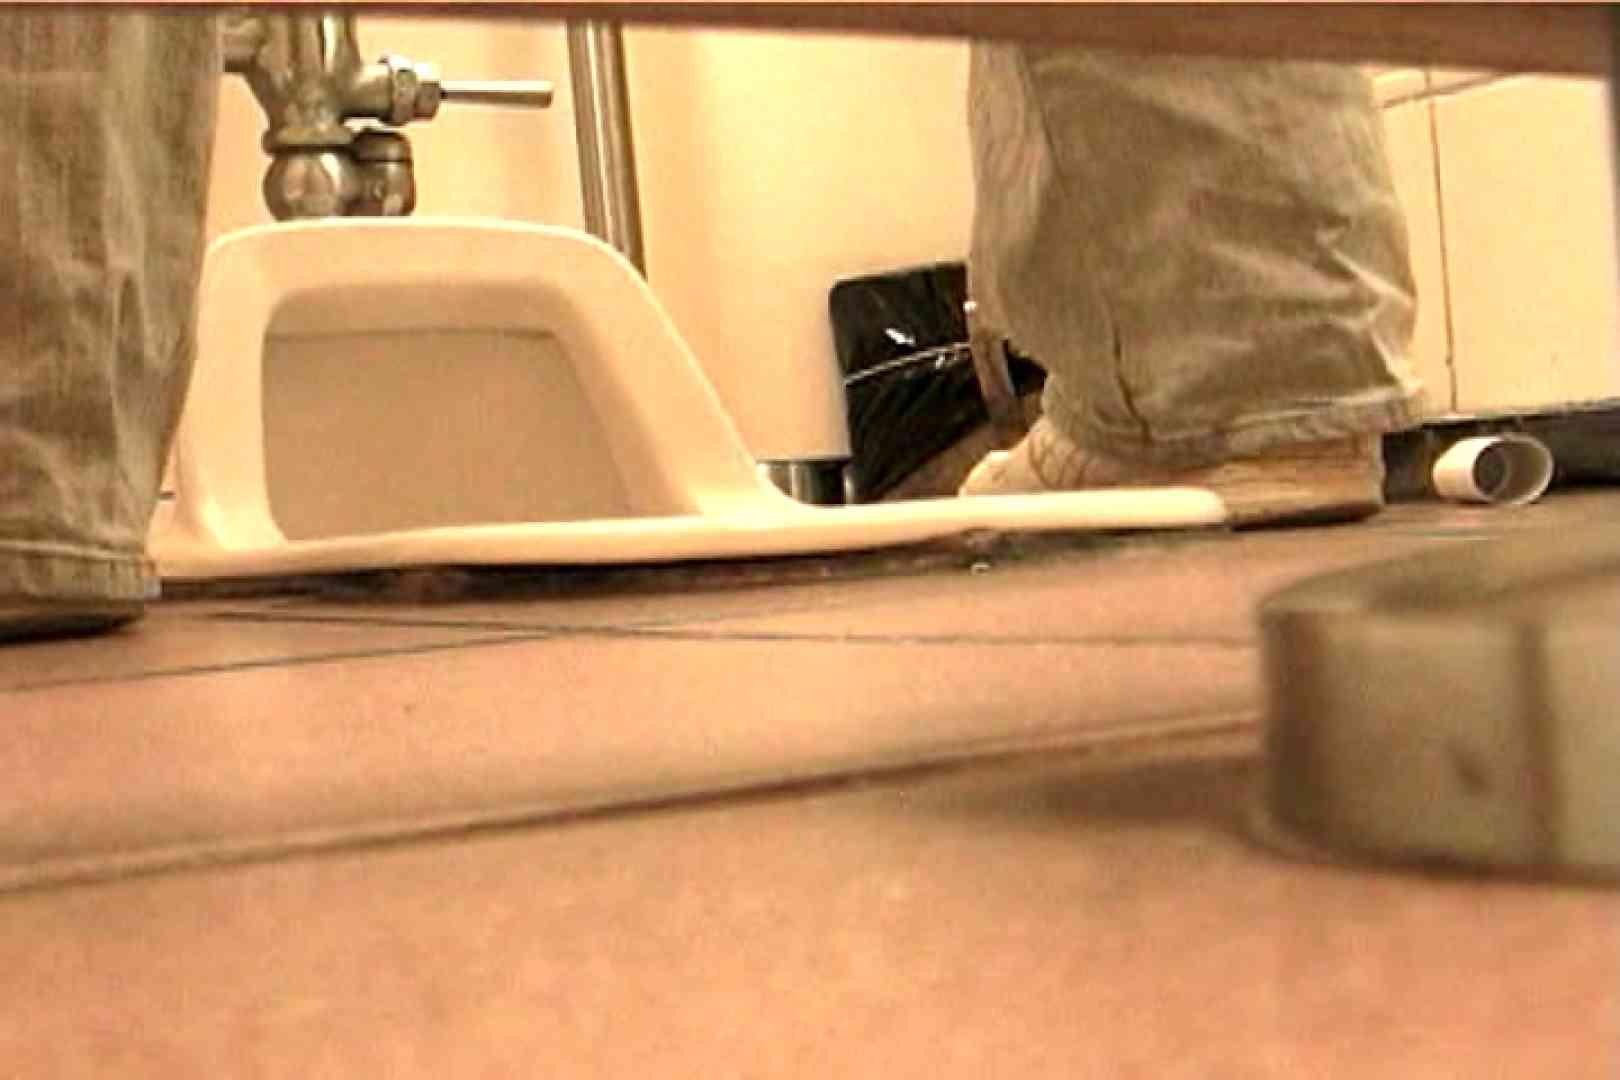 マンコ丸見え女子洗面所Vol.42 おまんこ無修正 のぞき動画キャプチャ 100画像 33